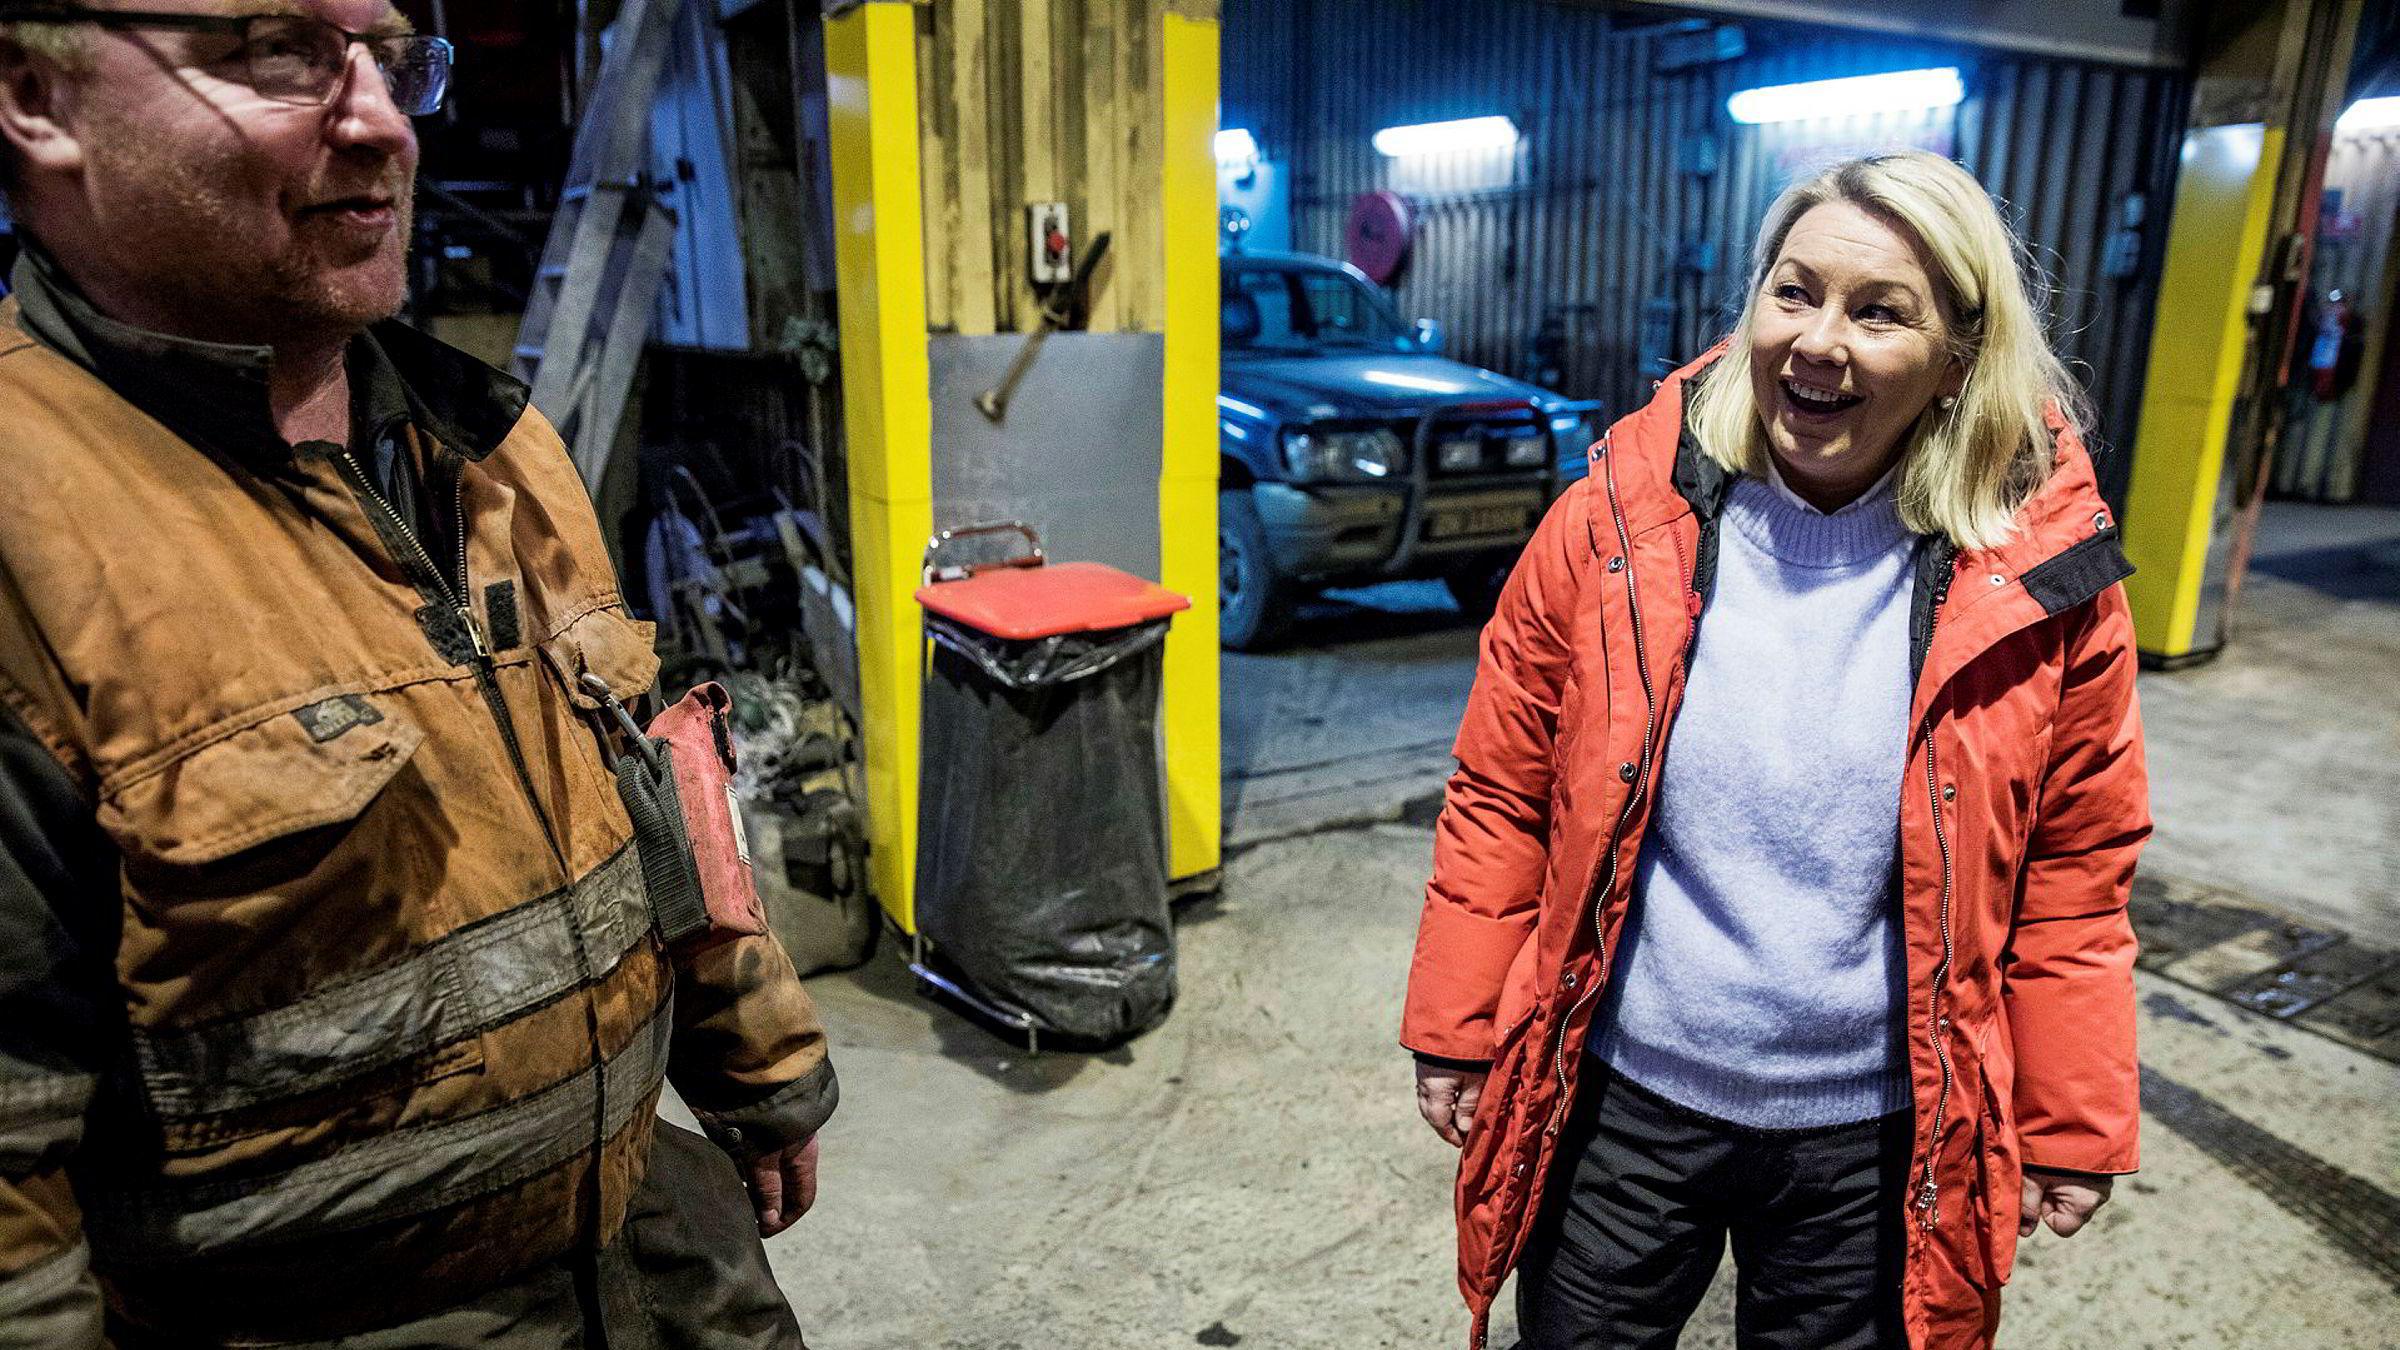 Næringsminister Monica Mæland besøkte Gruve 7 på Svalbard i forbindelse med regjeringens planer om å legge ned driften i Svea og Lunckefjell. Her snakker hun med formann Roger Jensen. Politikere i andre land har betydelig større utfordringer med kull.